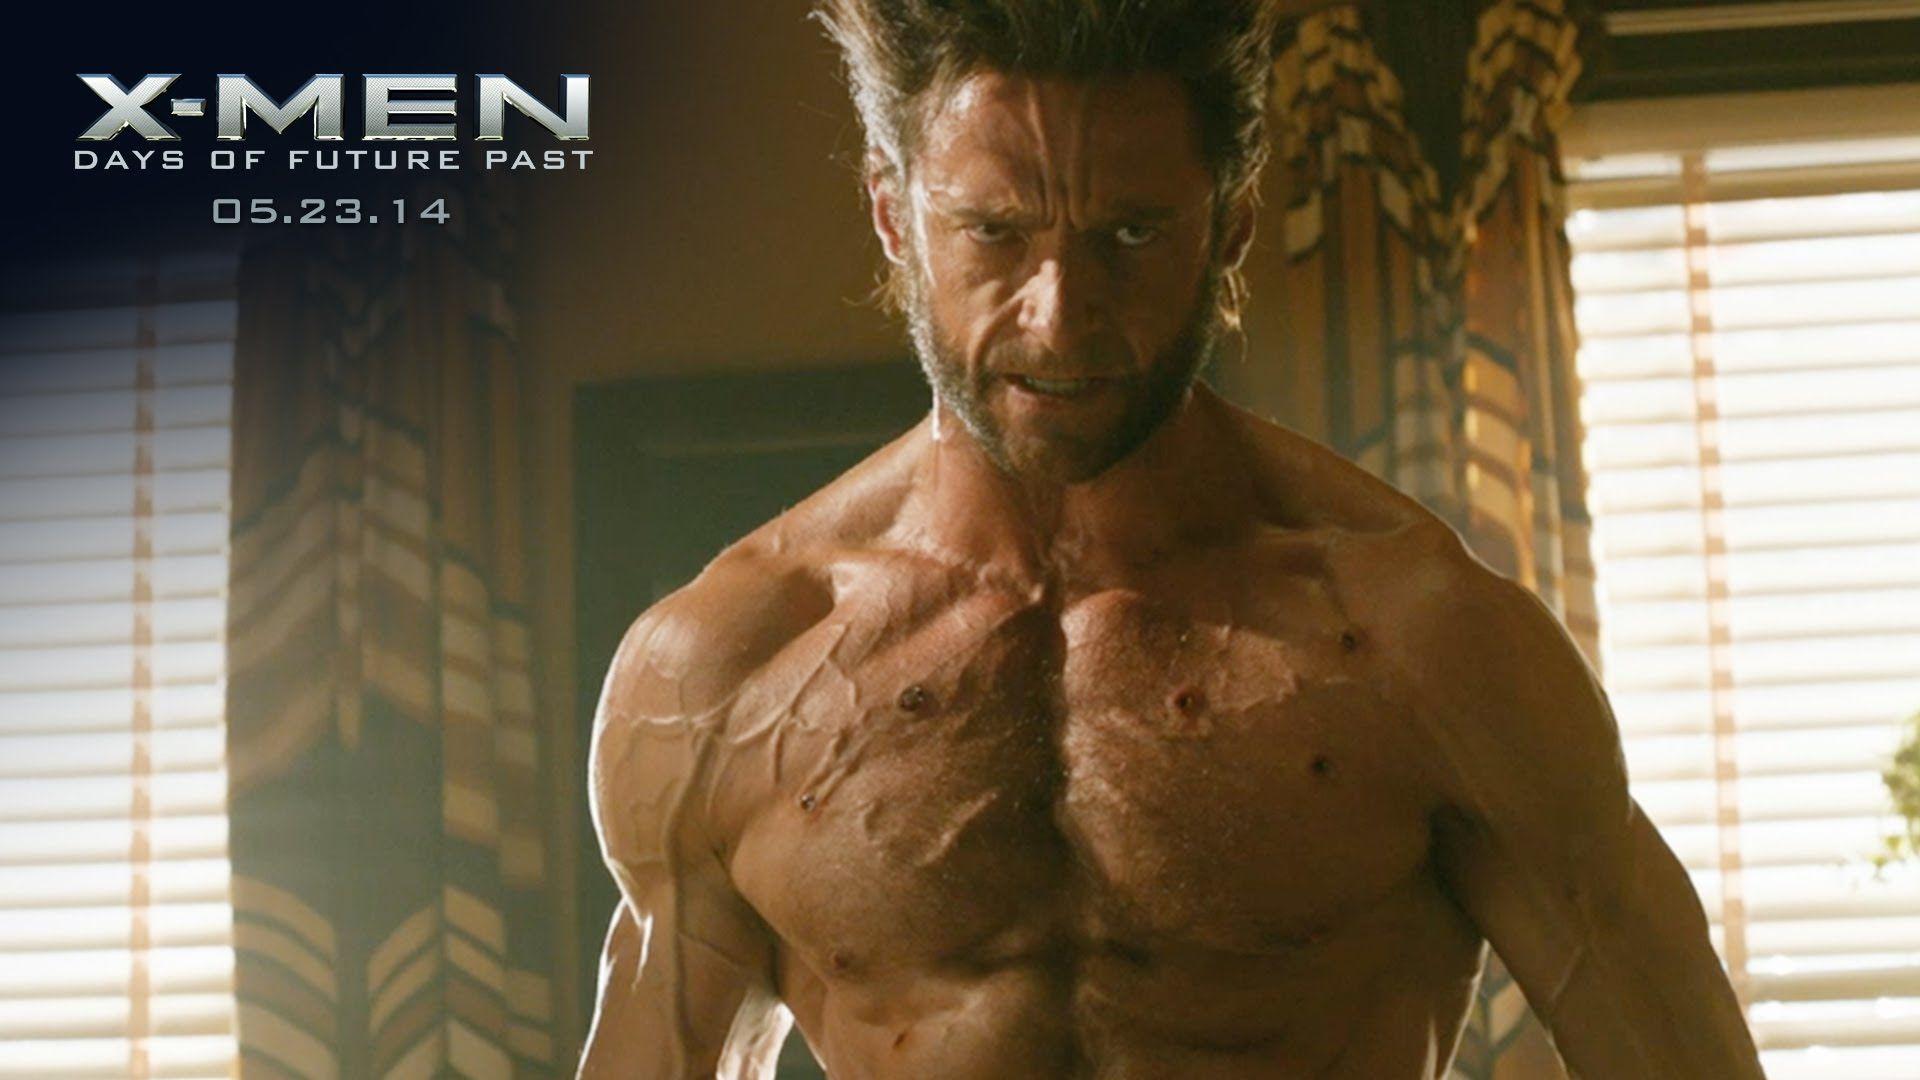 Pin By Samwise Gamgee On X Men X Men Hugh Jackman Days Of Future Past